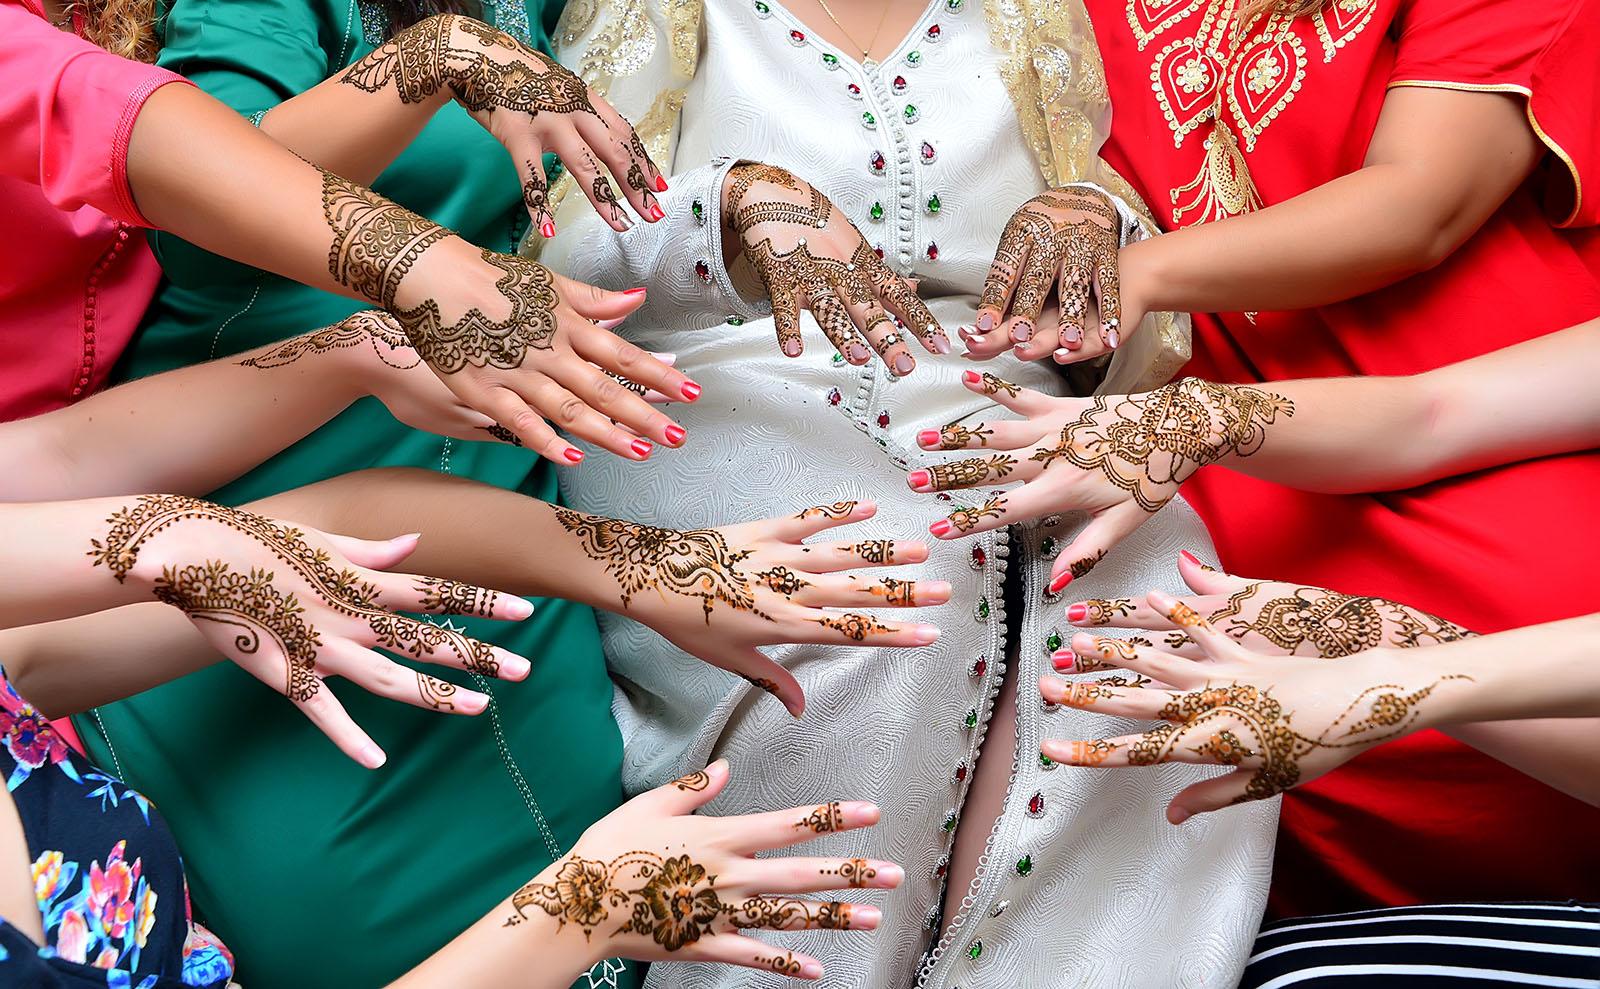 several women displaying henna tattoos